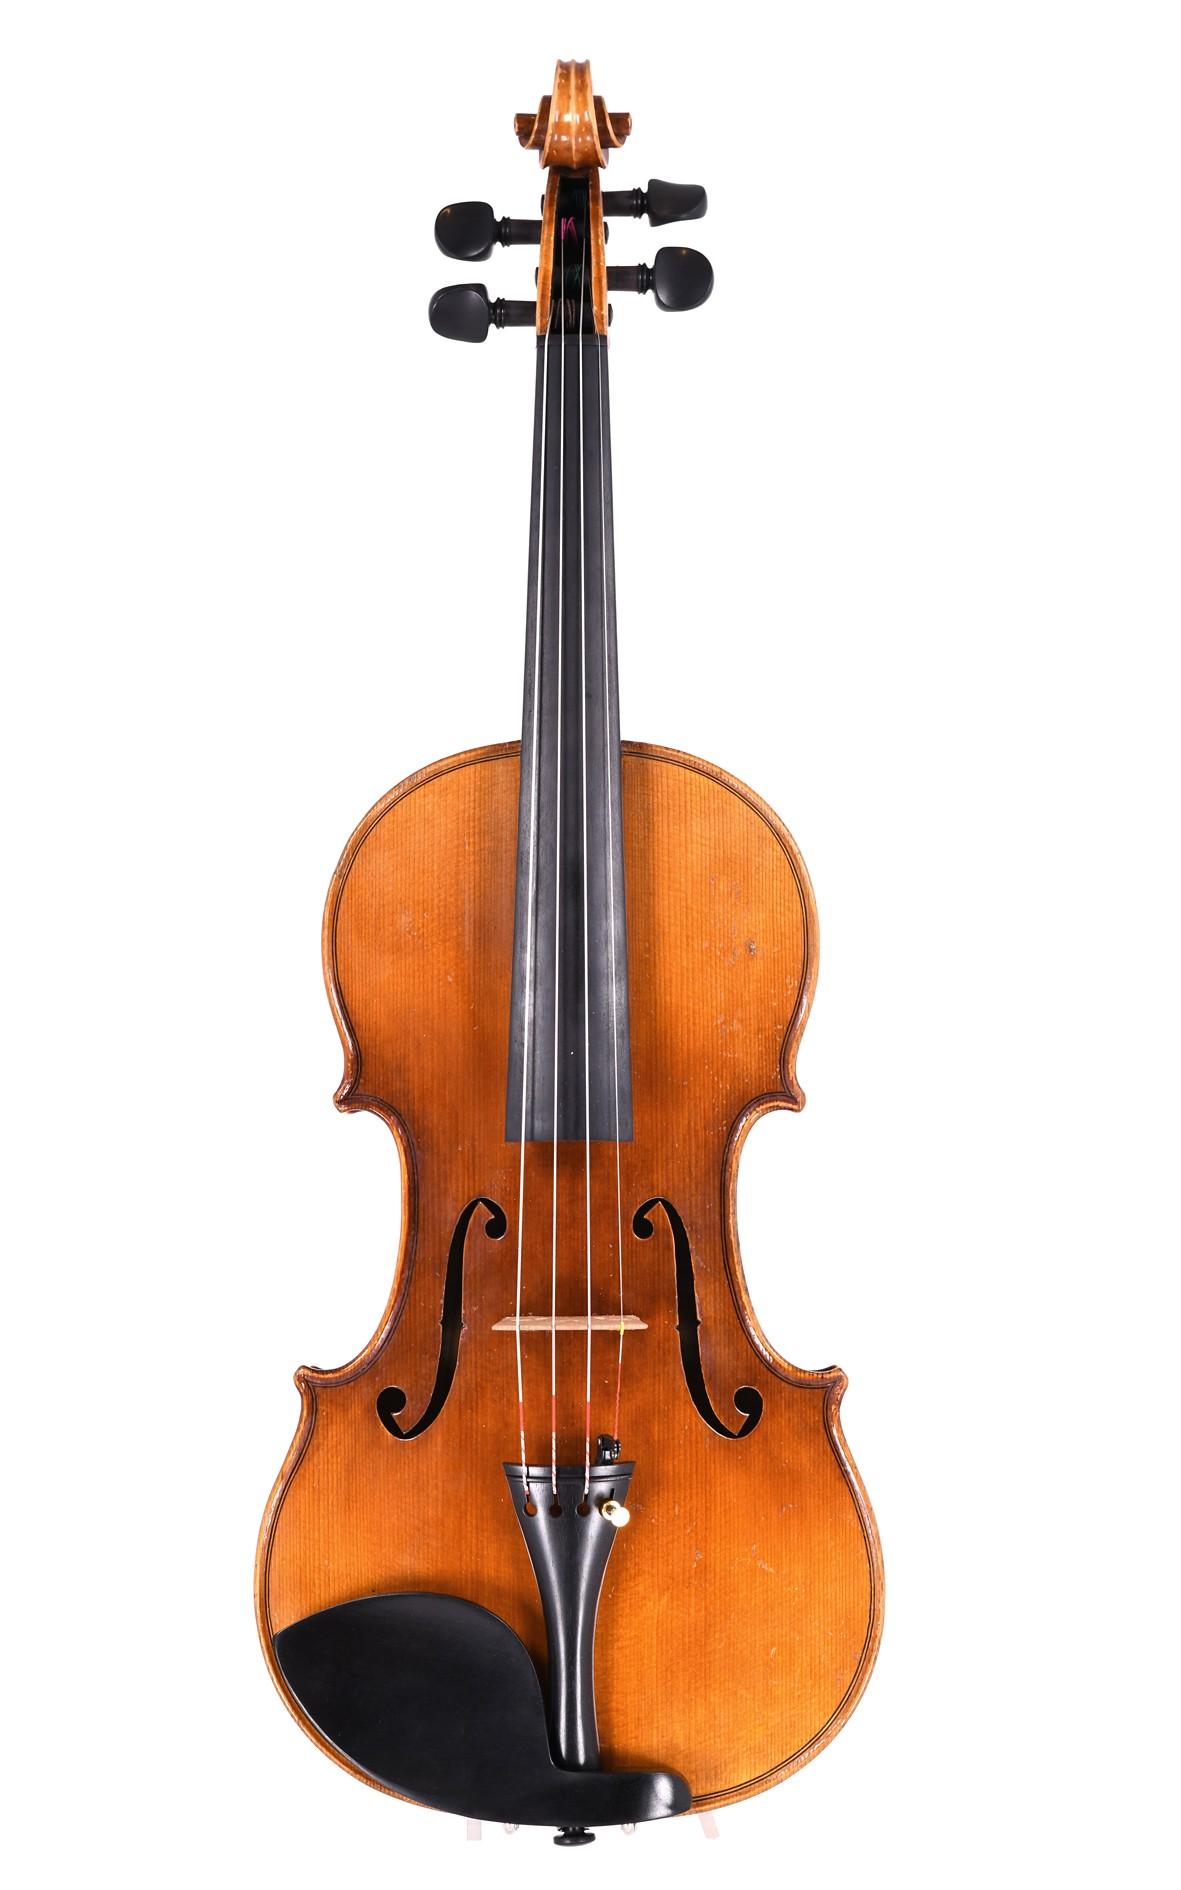 Neuner & Hornsteiner violin.